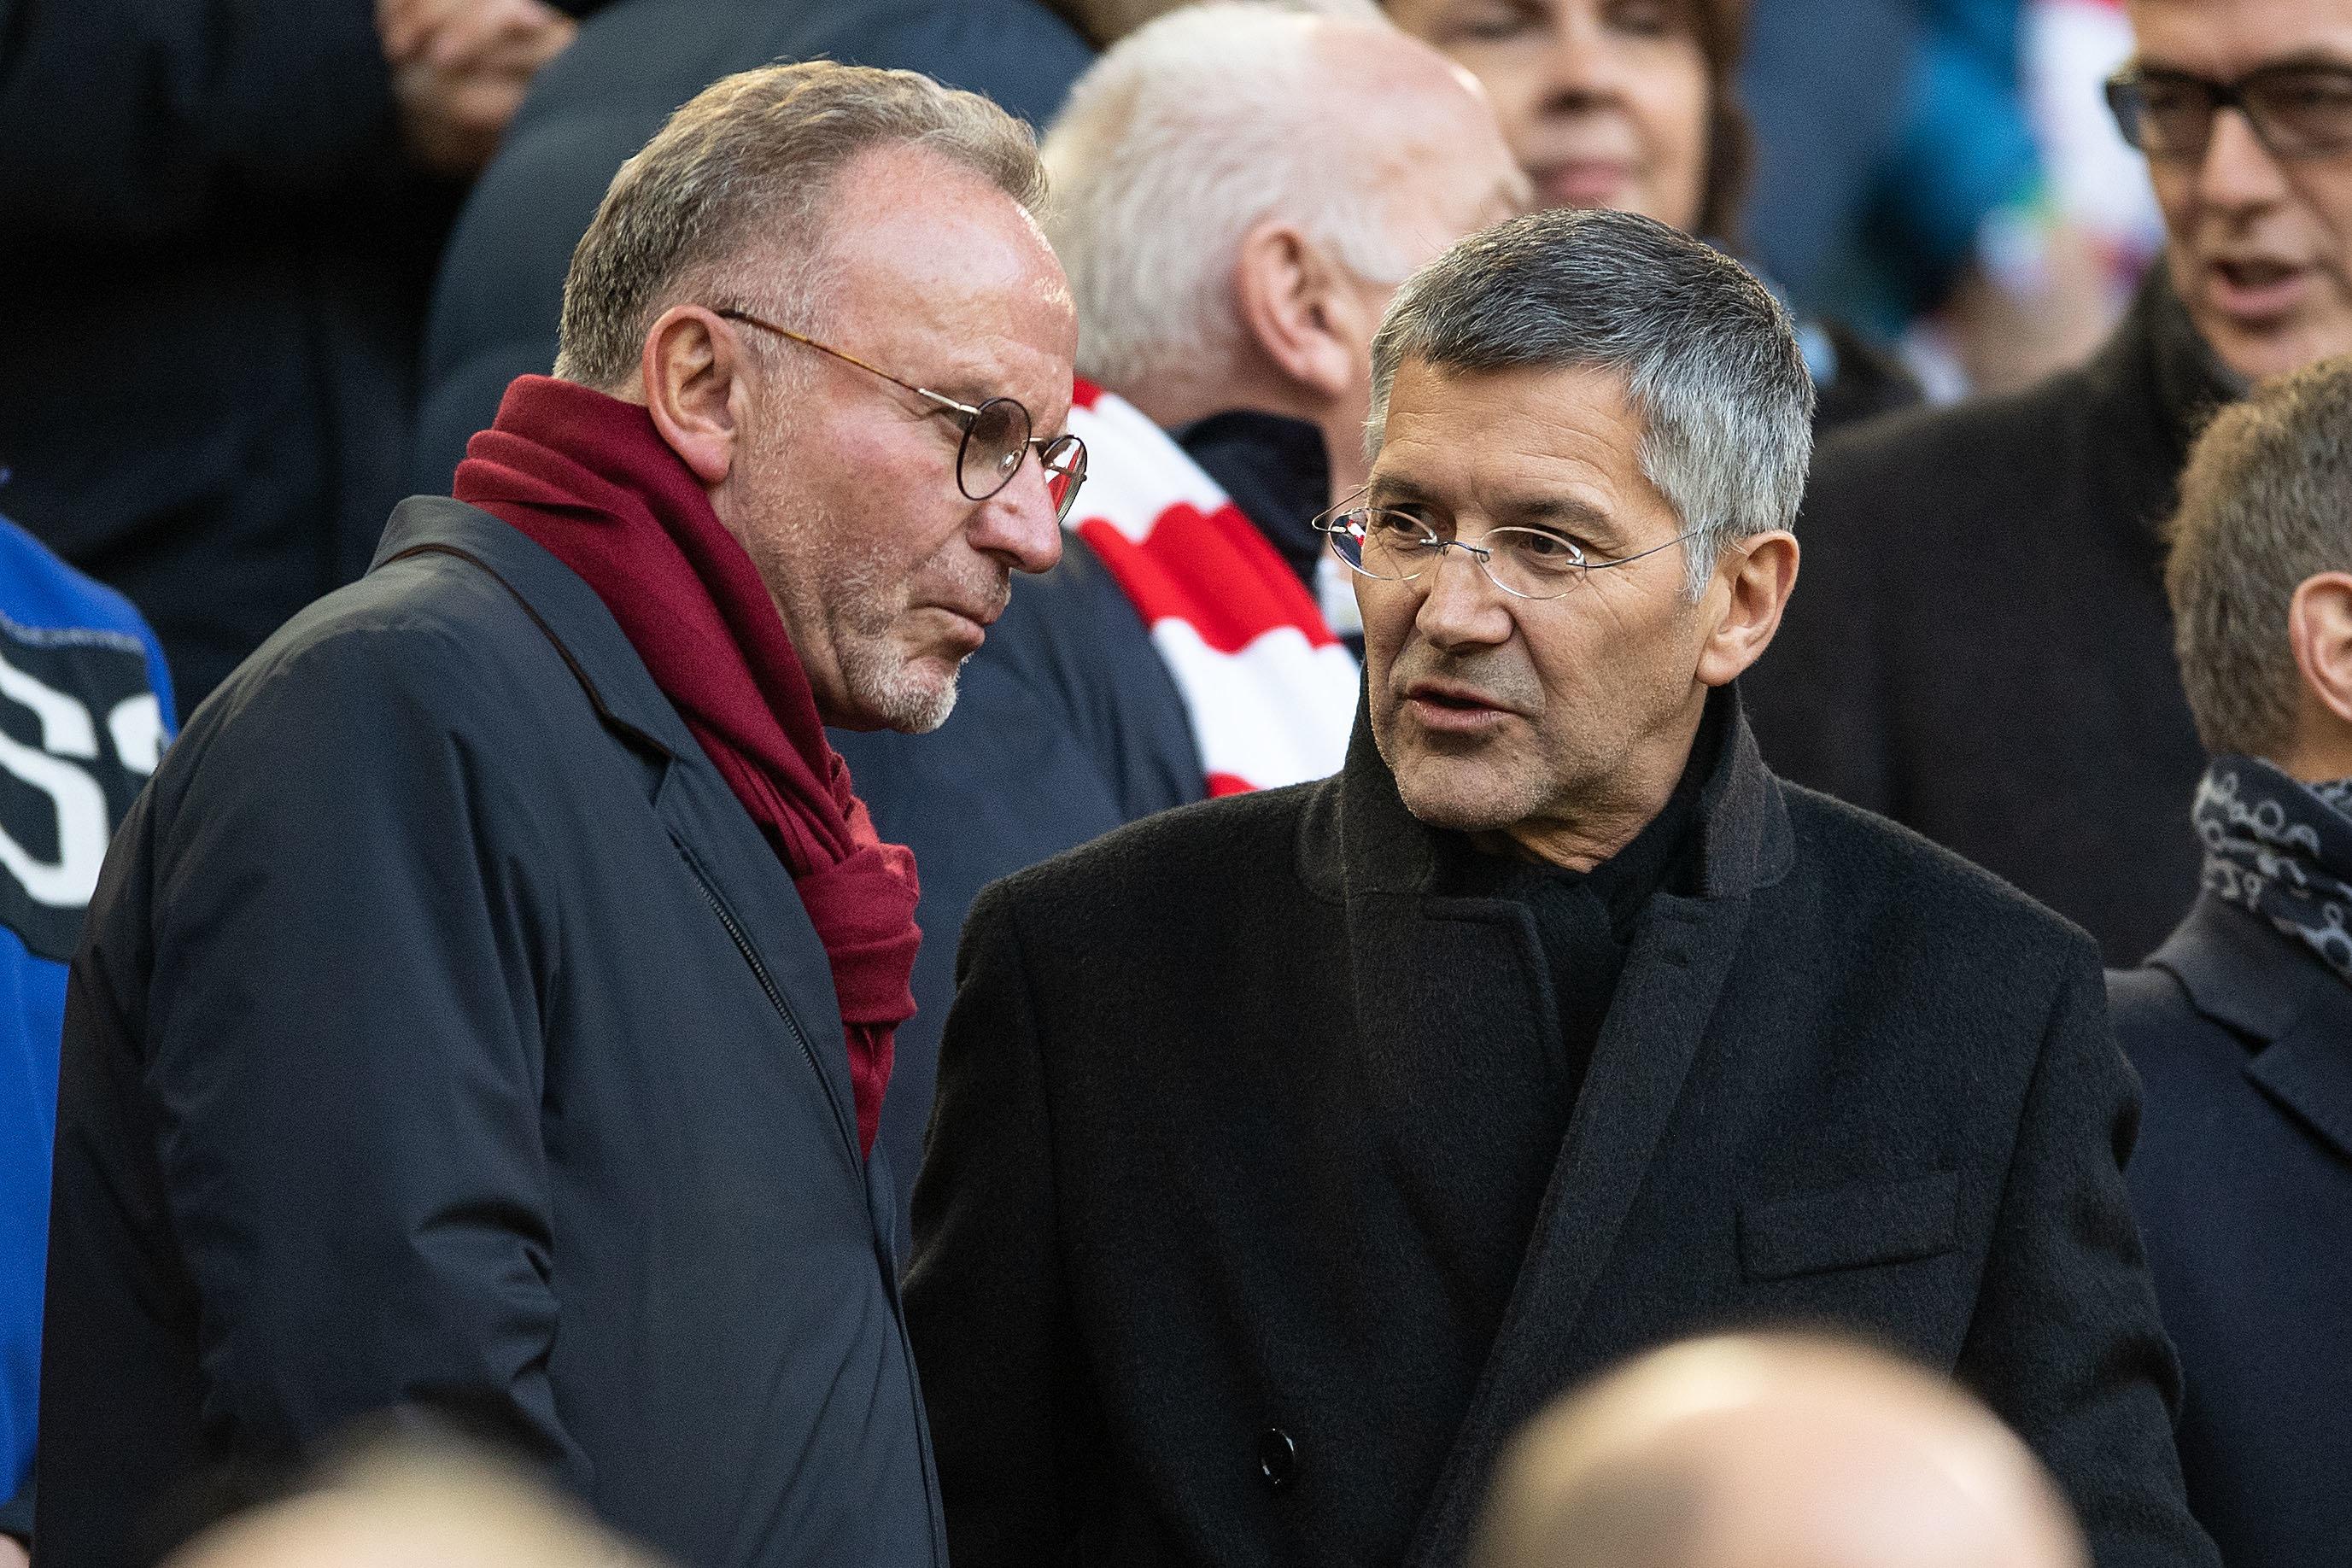 Bosse des FC Bayern München: Vorstandsvorsitzender Karl-Heinz Rummenigge (l.) und Präsident Herbert Hainer.